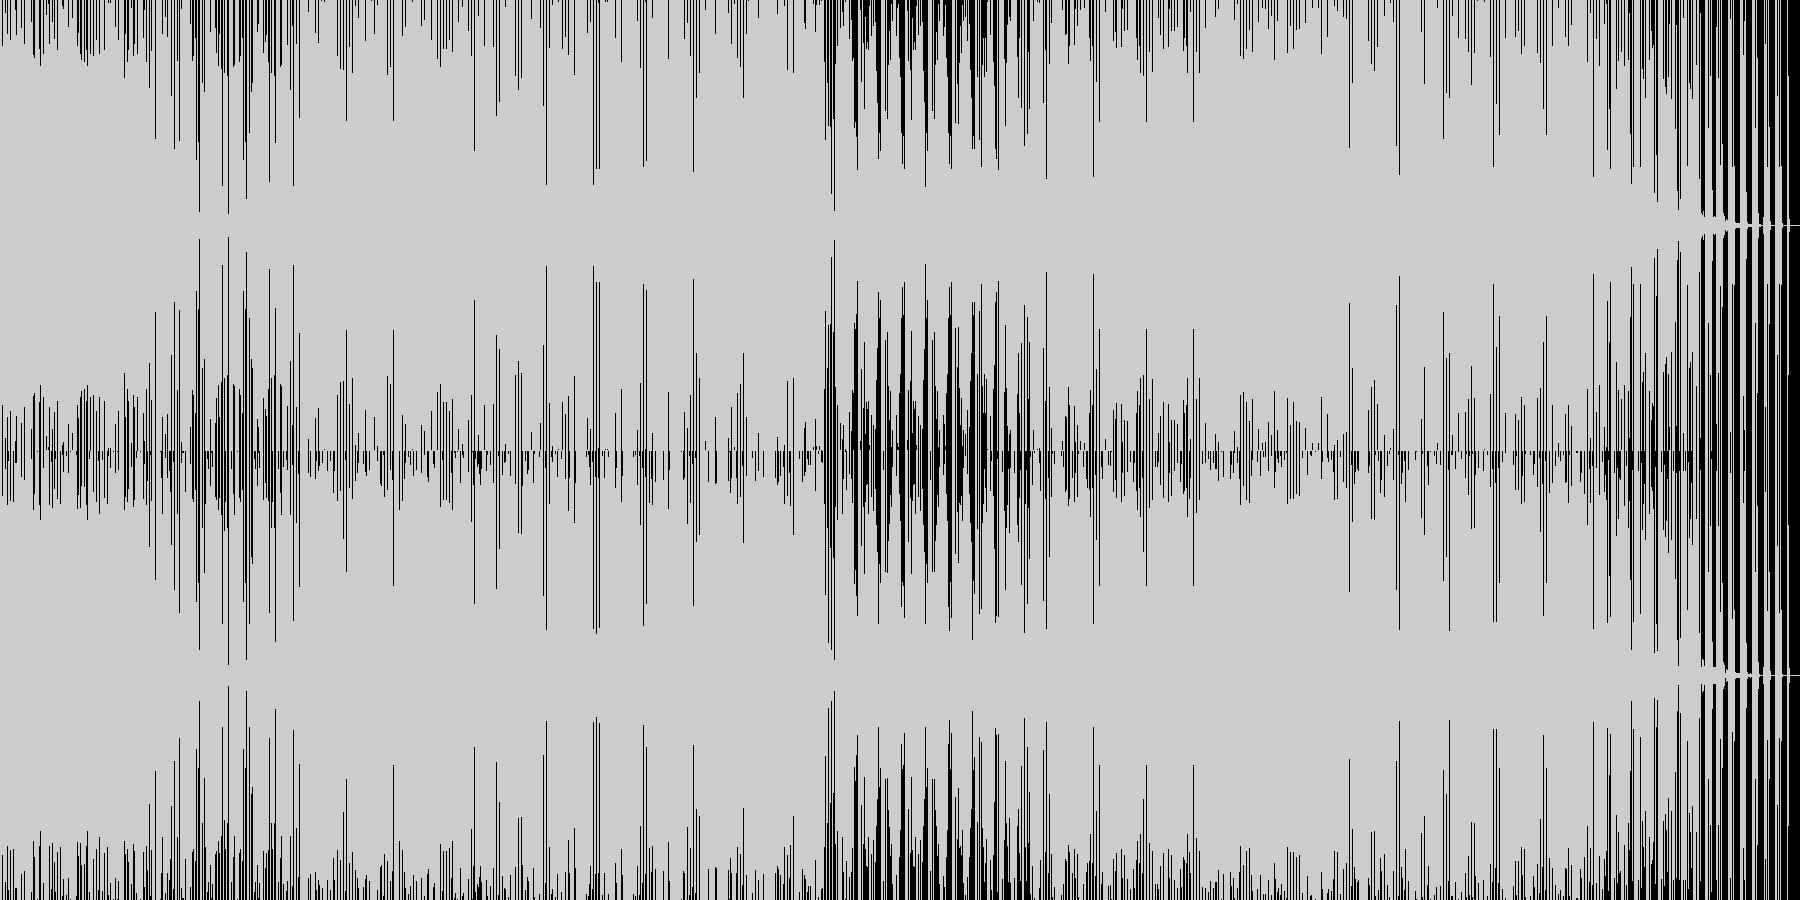 ダークな重いハウスの未再生の波形